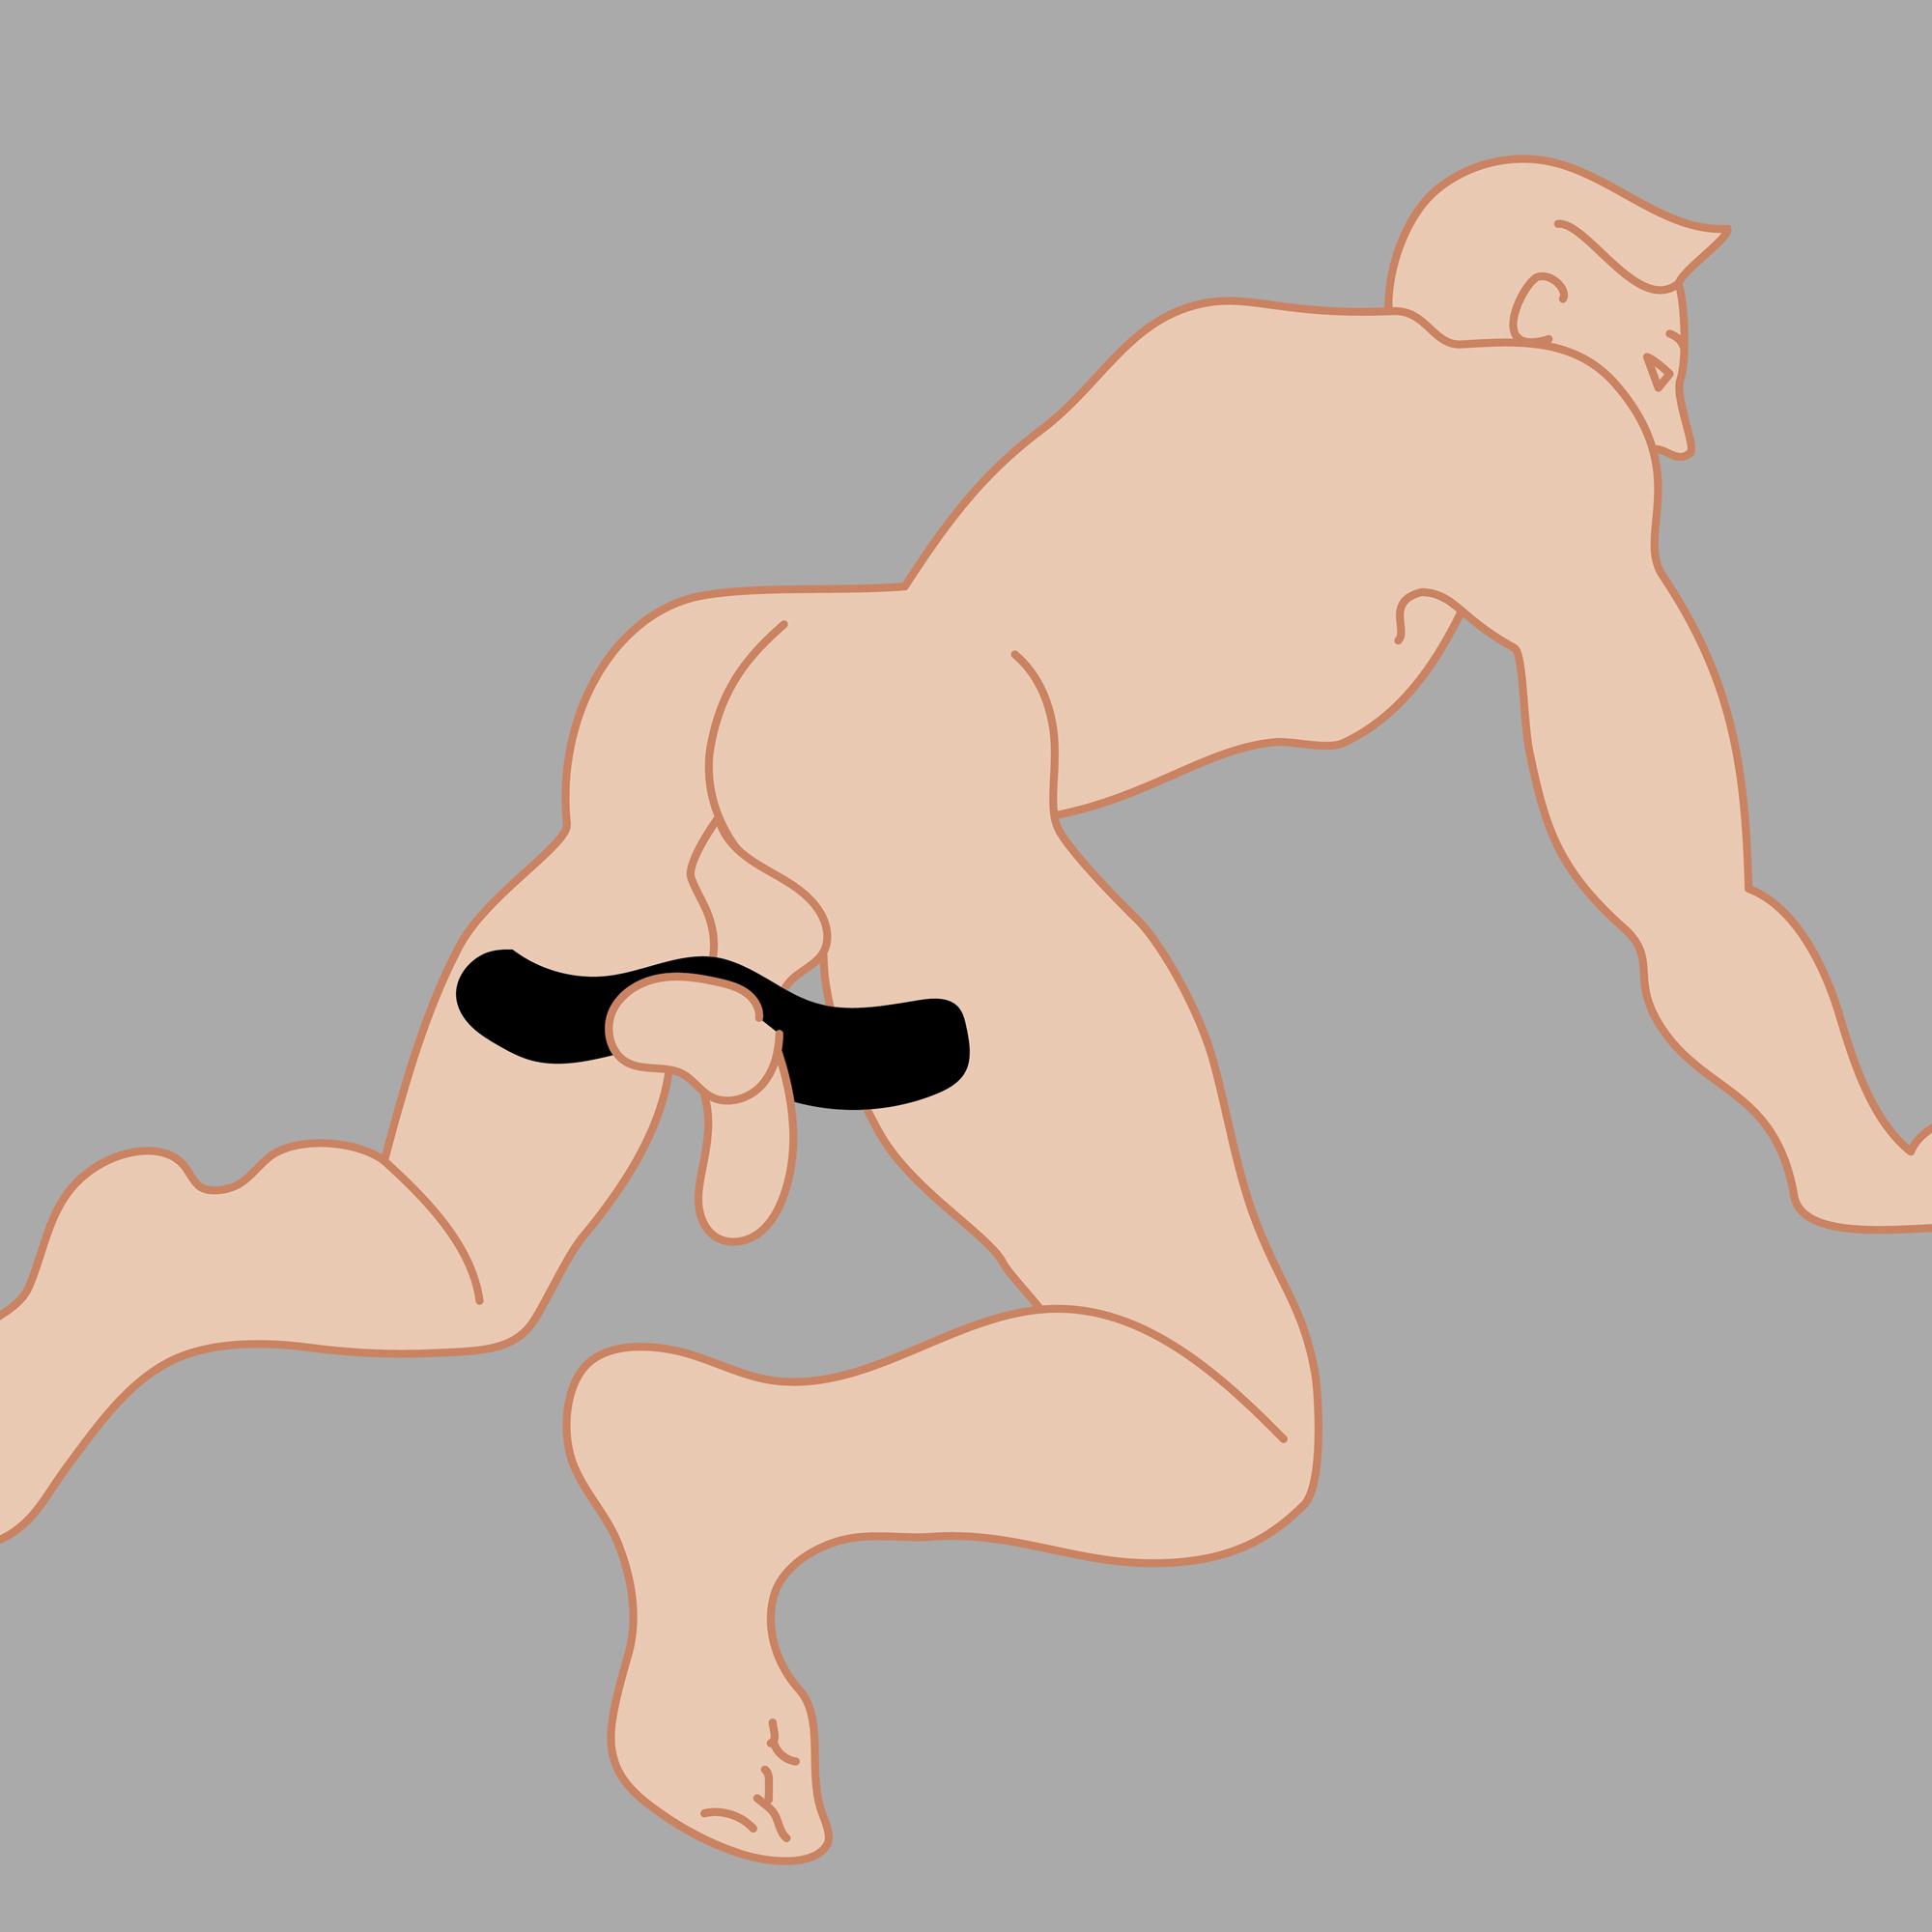 tare pe axul penisului erecția poate dispărea din excitare